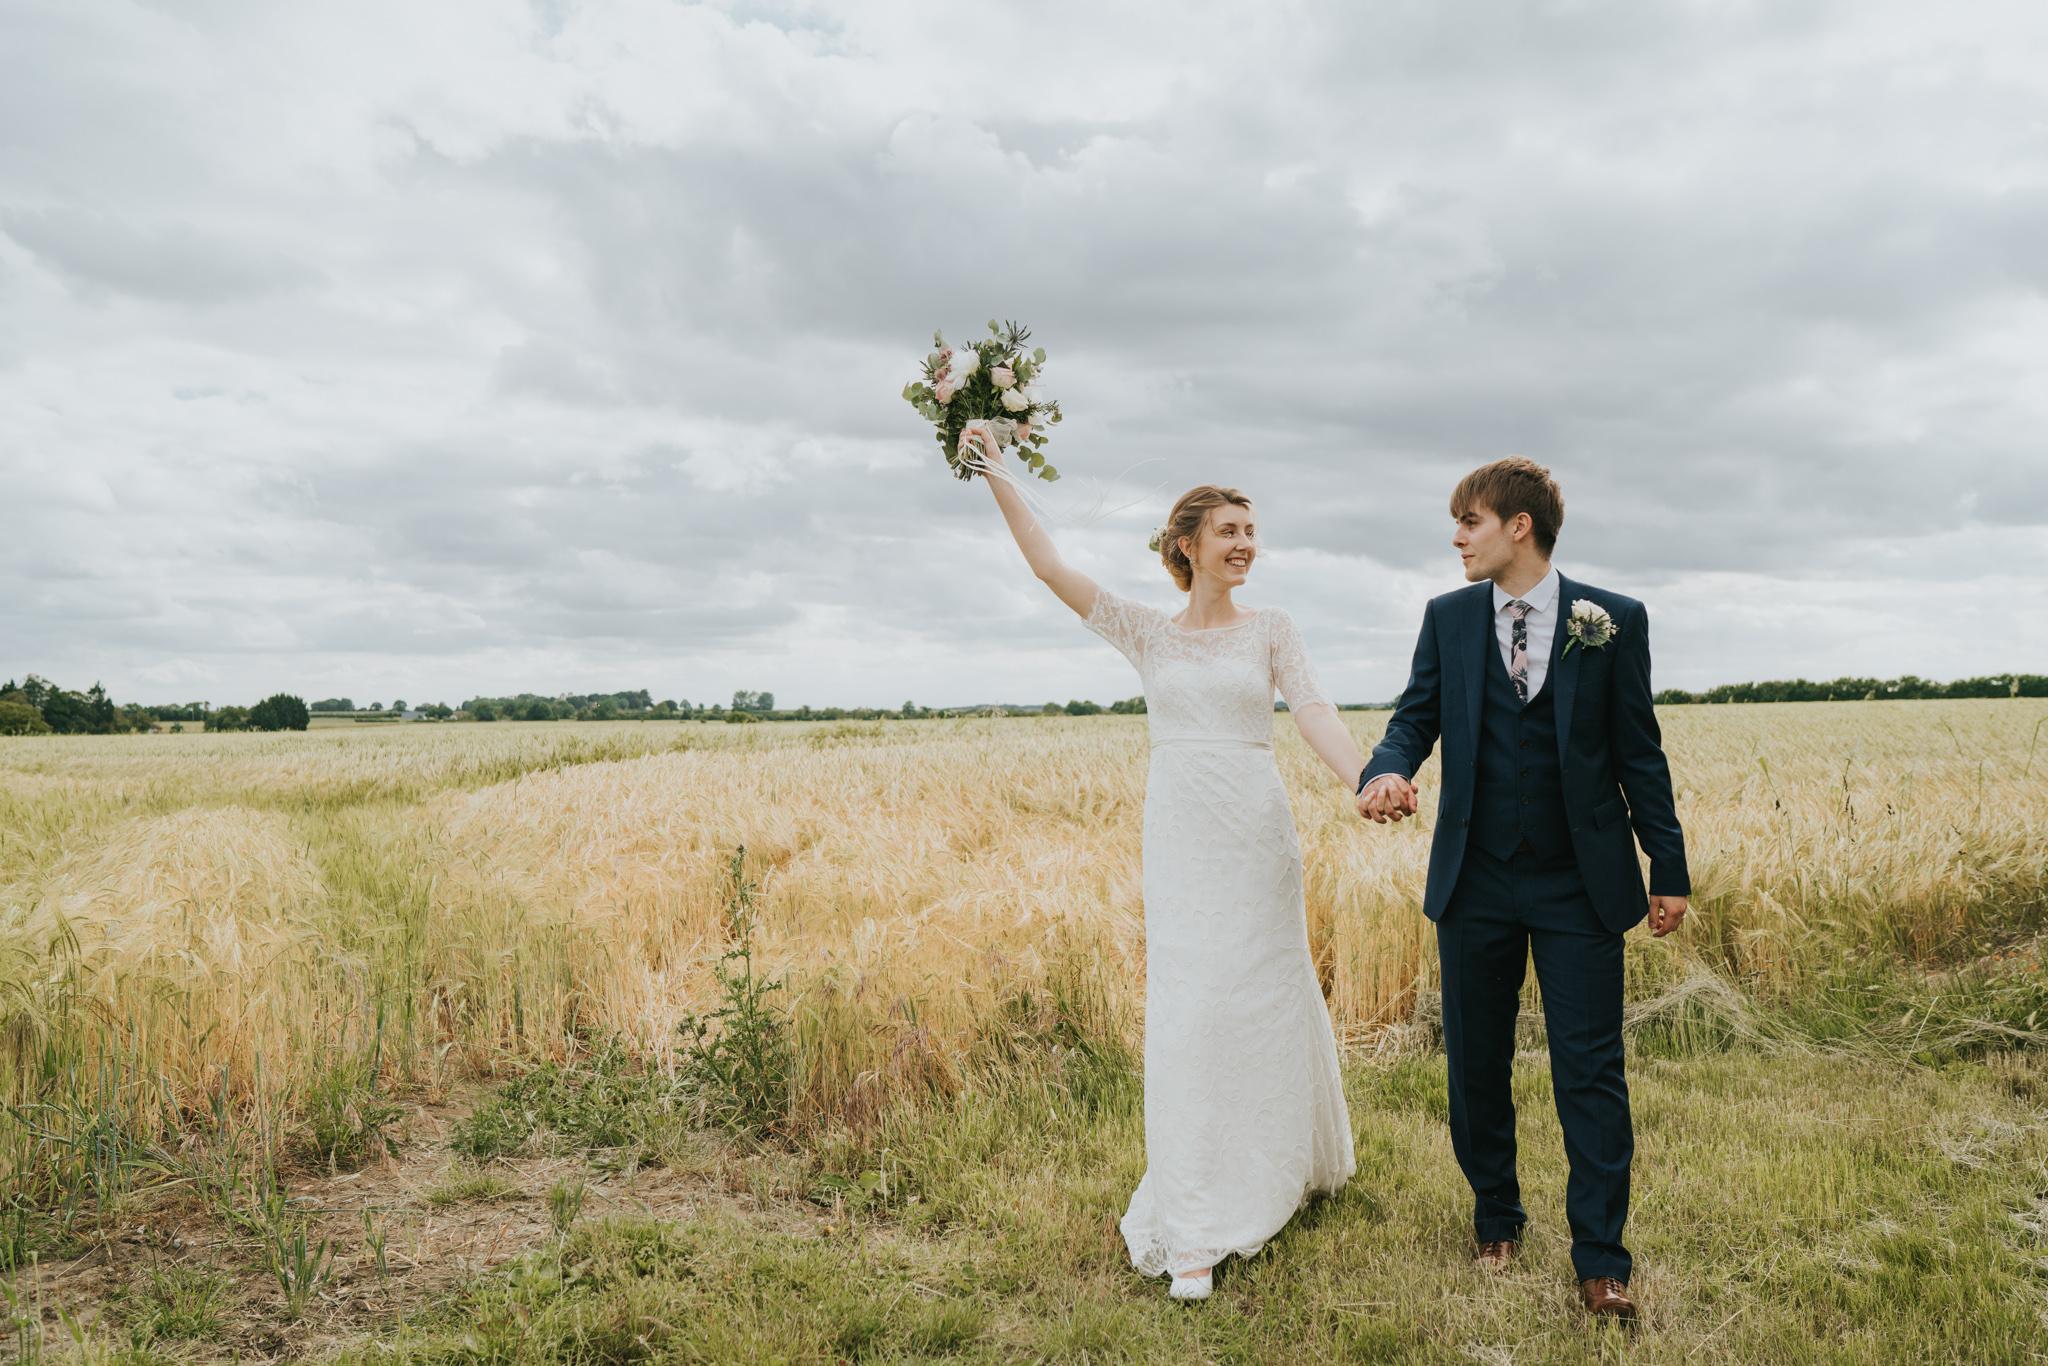 grace-elizabeth-essex-wedding-photographer-best-2018-highlights-norfolk-essex-devon-suffolk (38 of 100).jpg